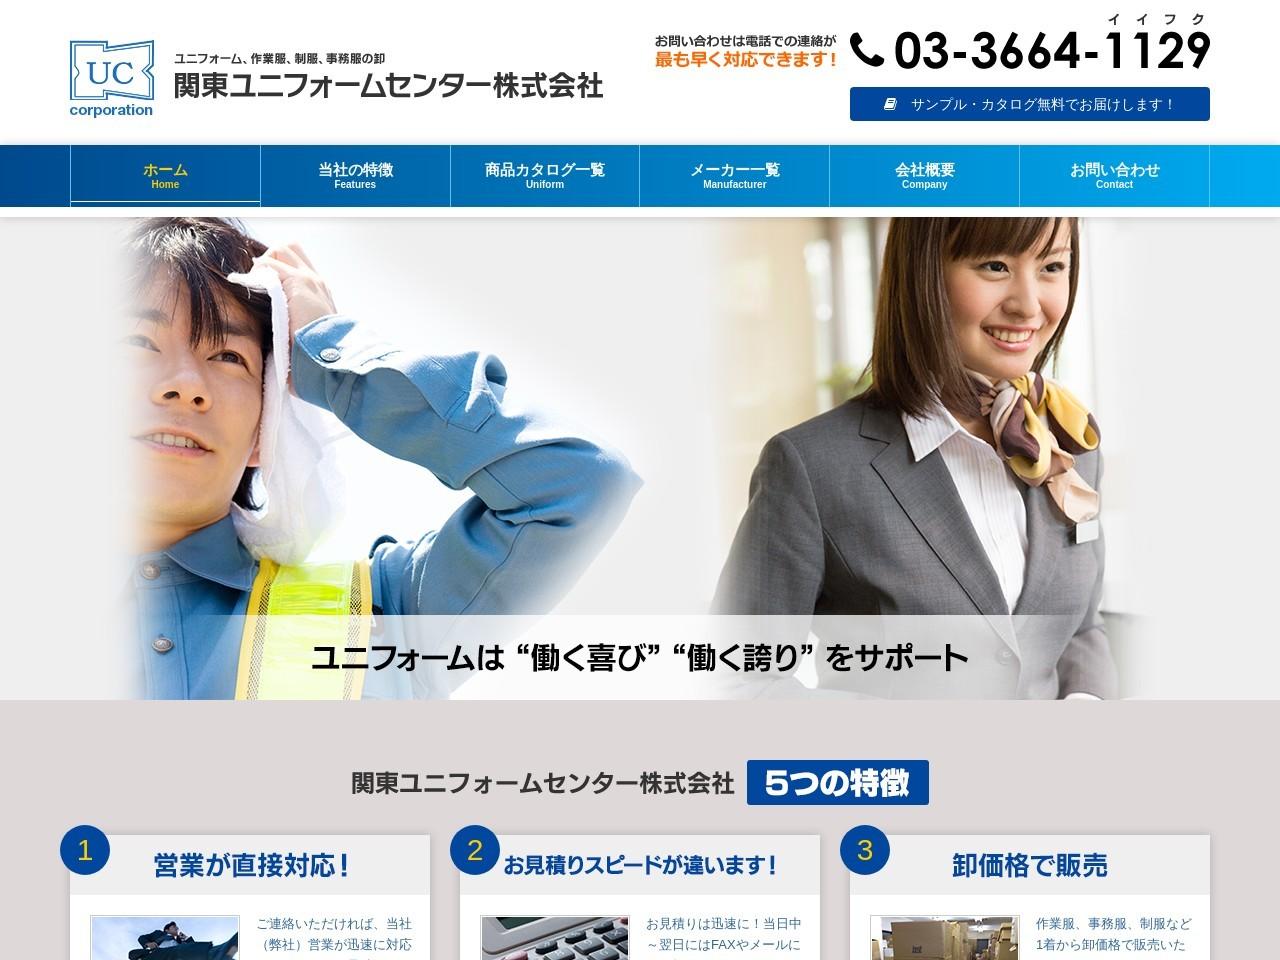 ユニフォーム、作業服、制服、事務服は関東ユニフォームセンター